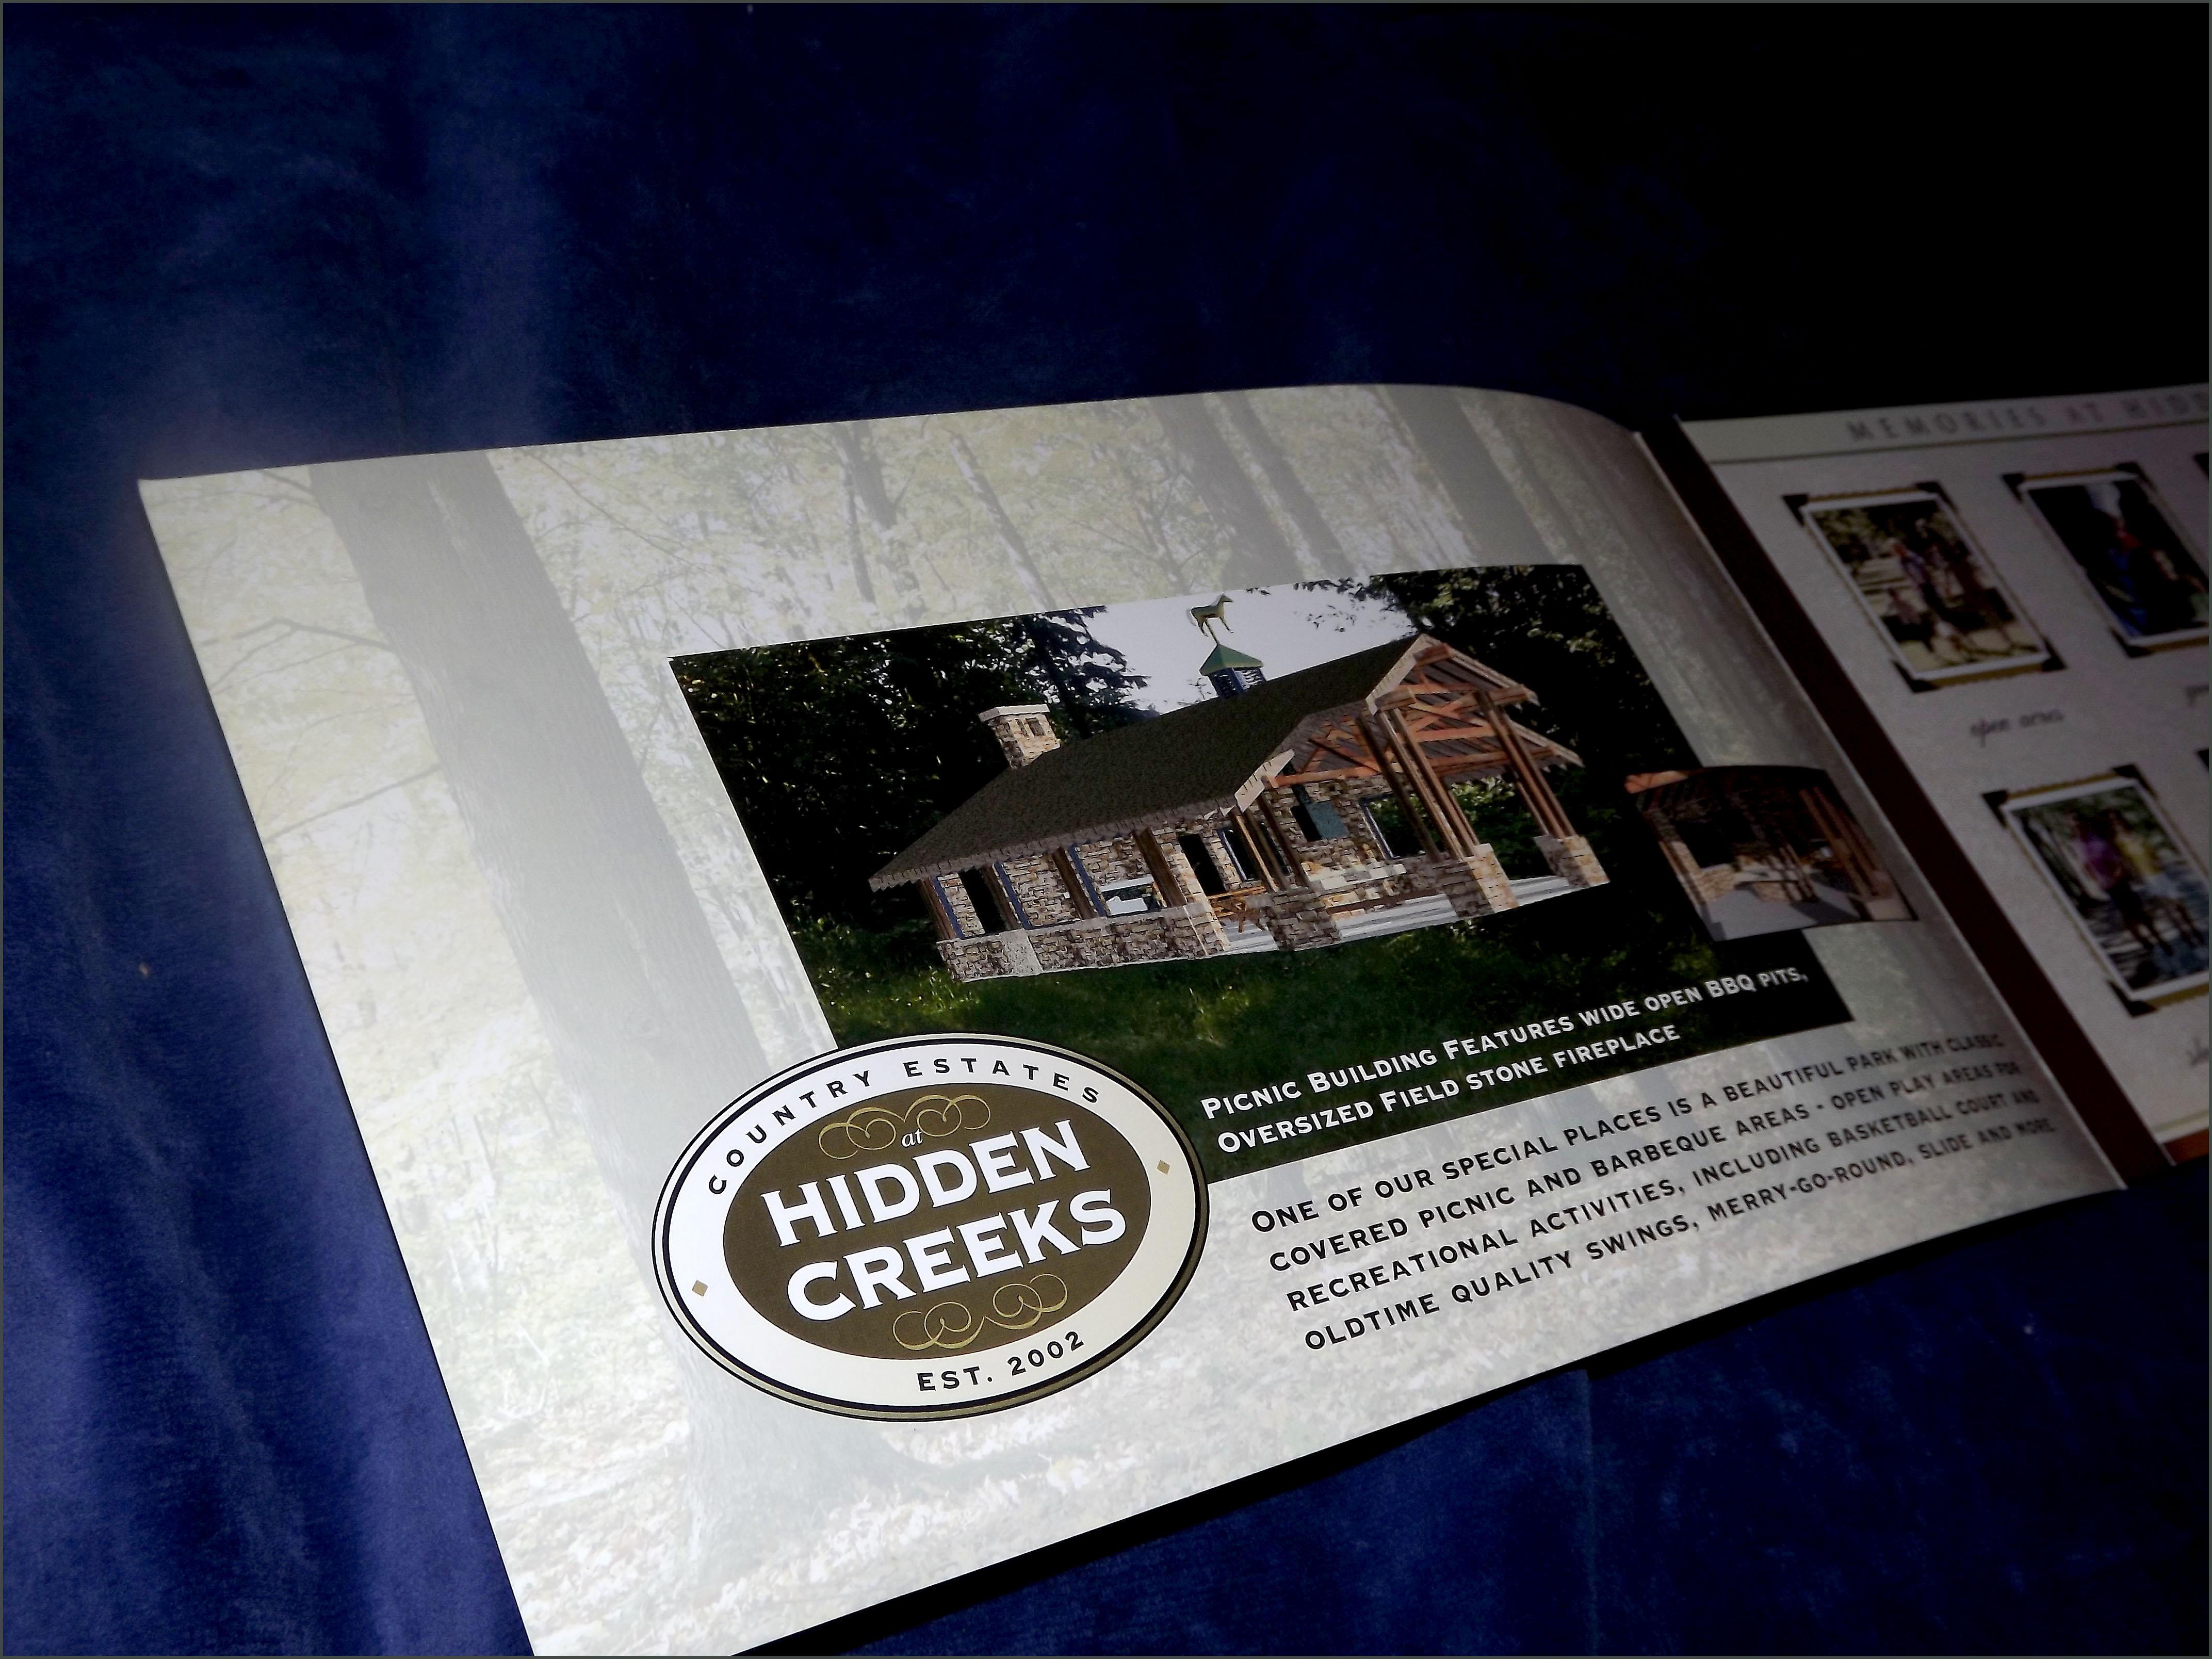 Hidden Creeks